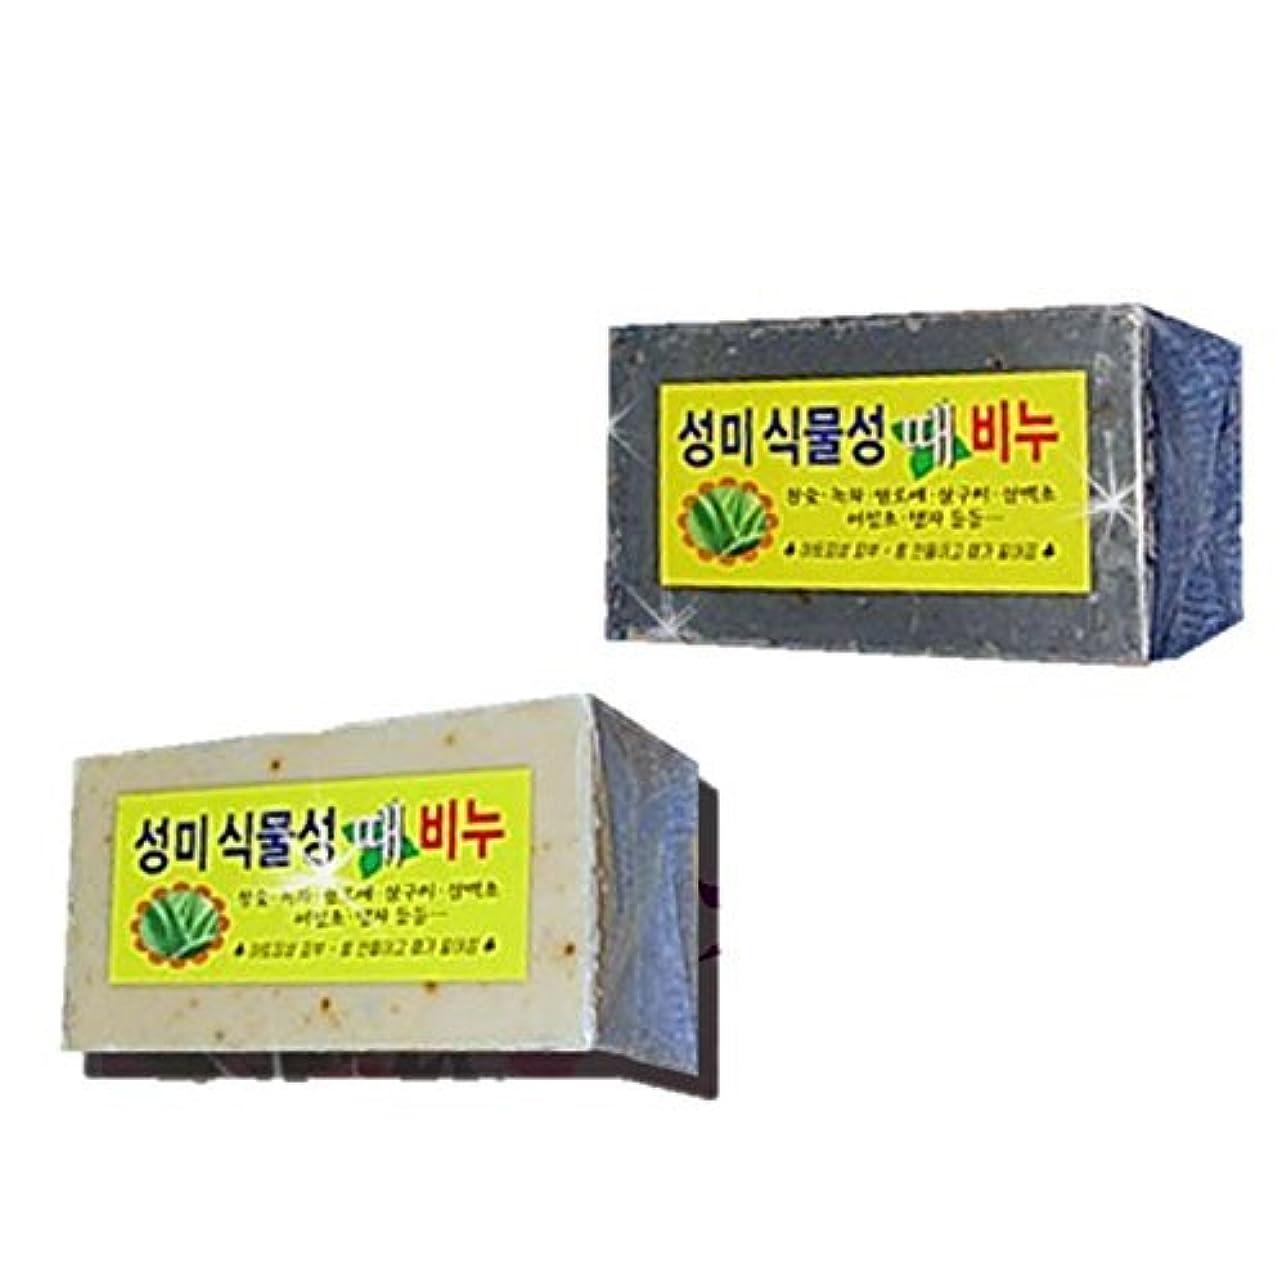 倒産副産物レスリング(韓国ブランド) 植物性 垢すり石鹸 (10個)